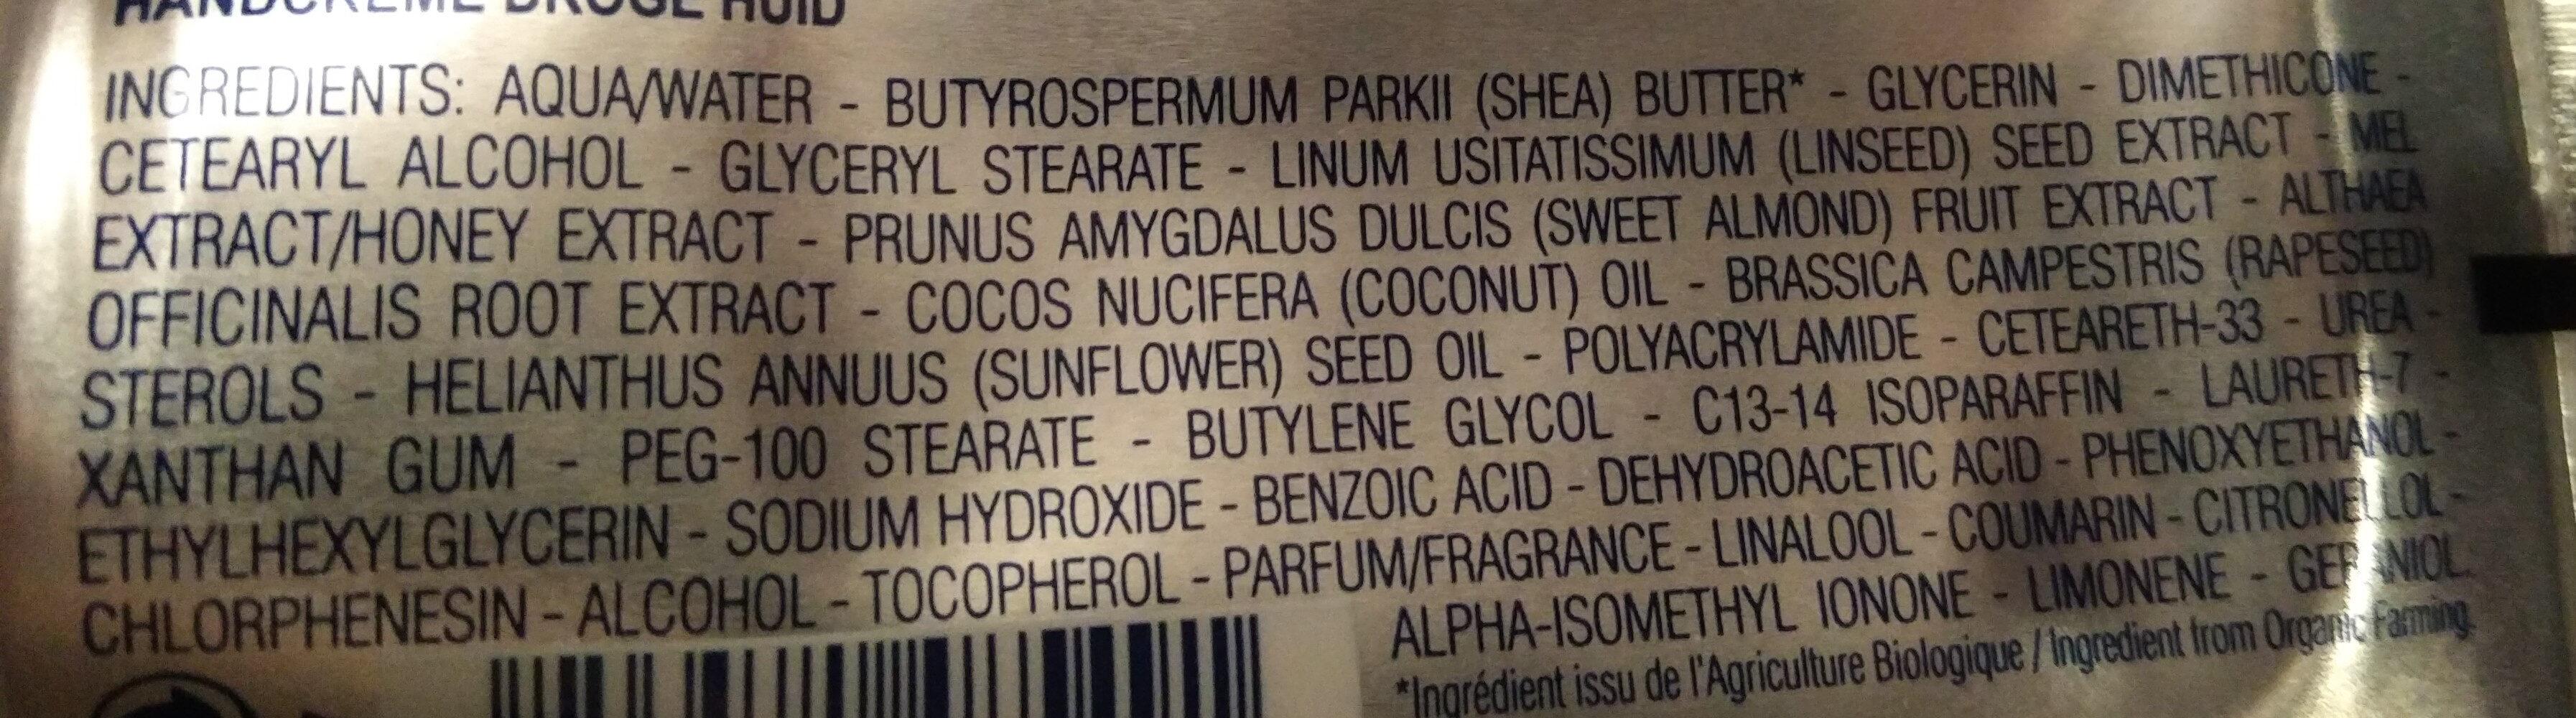 Crème mains - peaux sèches - karite 20% - Ingrédients - fr